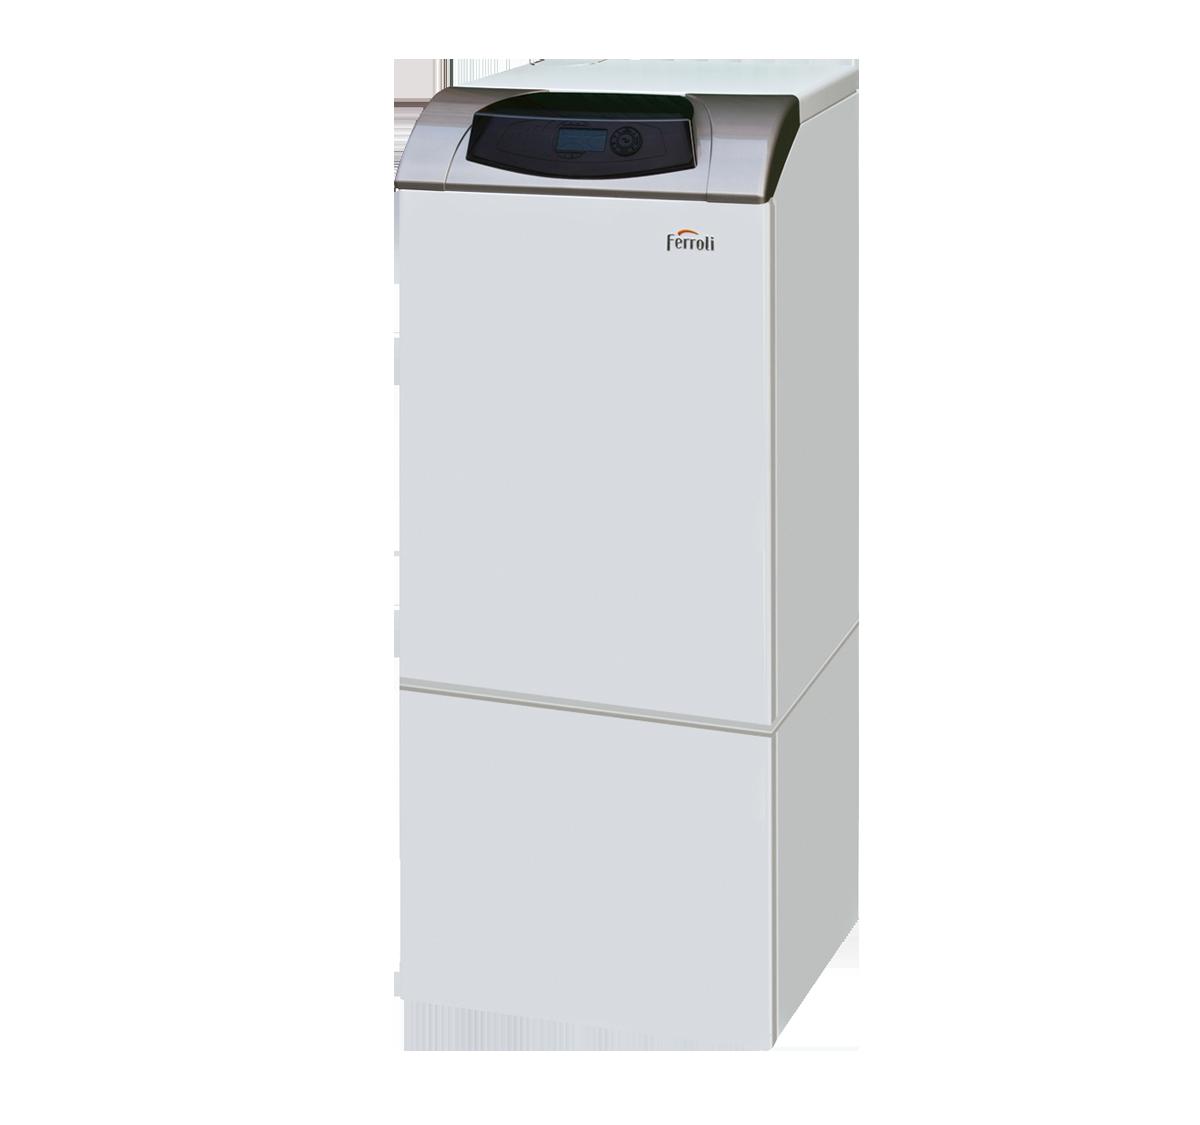 caldera de condensacion a gasoleo ferroli silent d eco 30 cond k 100 unit caseragua venta calderas